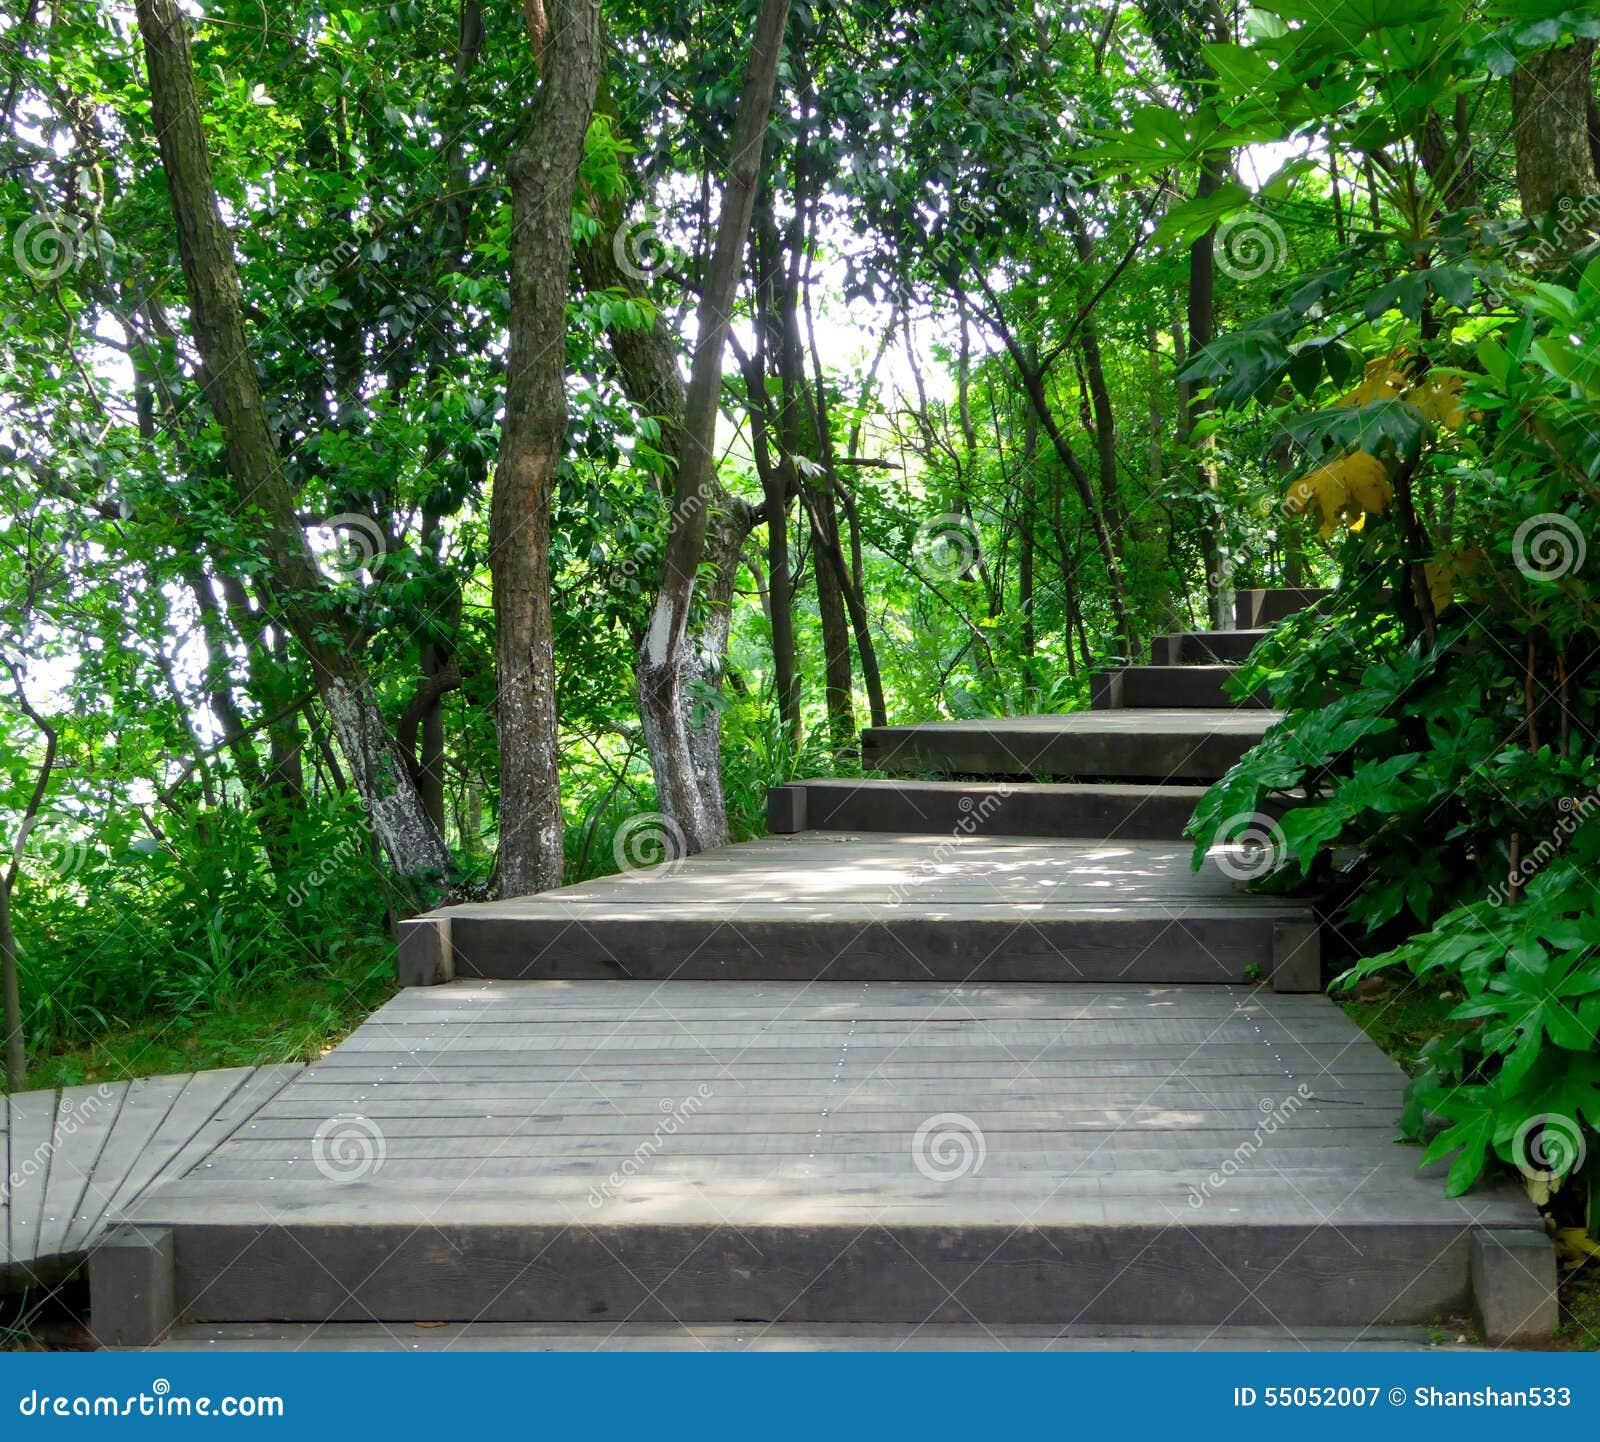 un chemin en bois travers une for t en bambou photo stock image 55052007. Black Bedroom Furniture Sets. Home Design Ideas